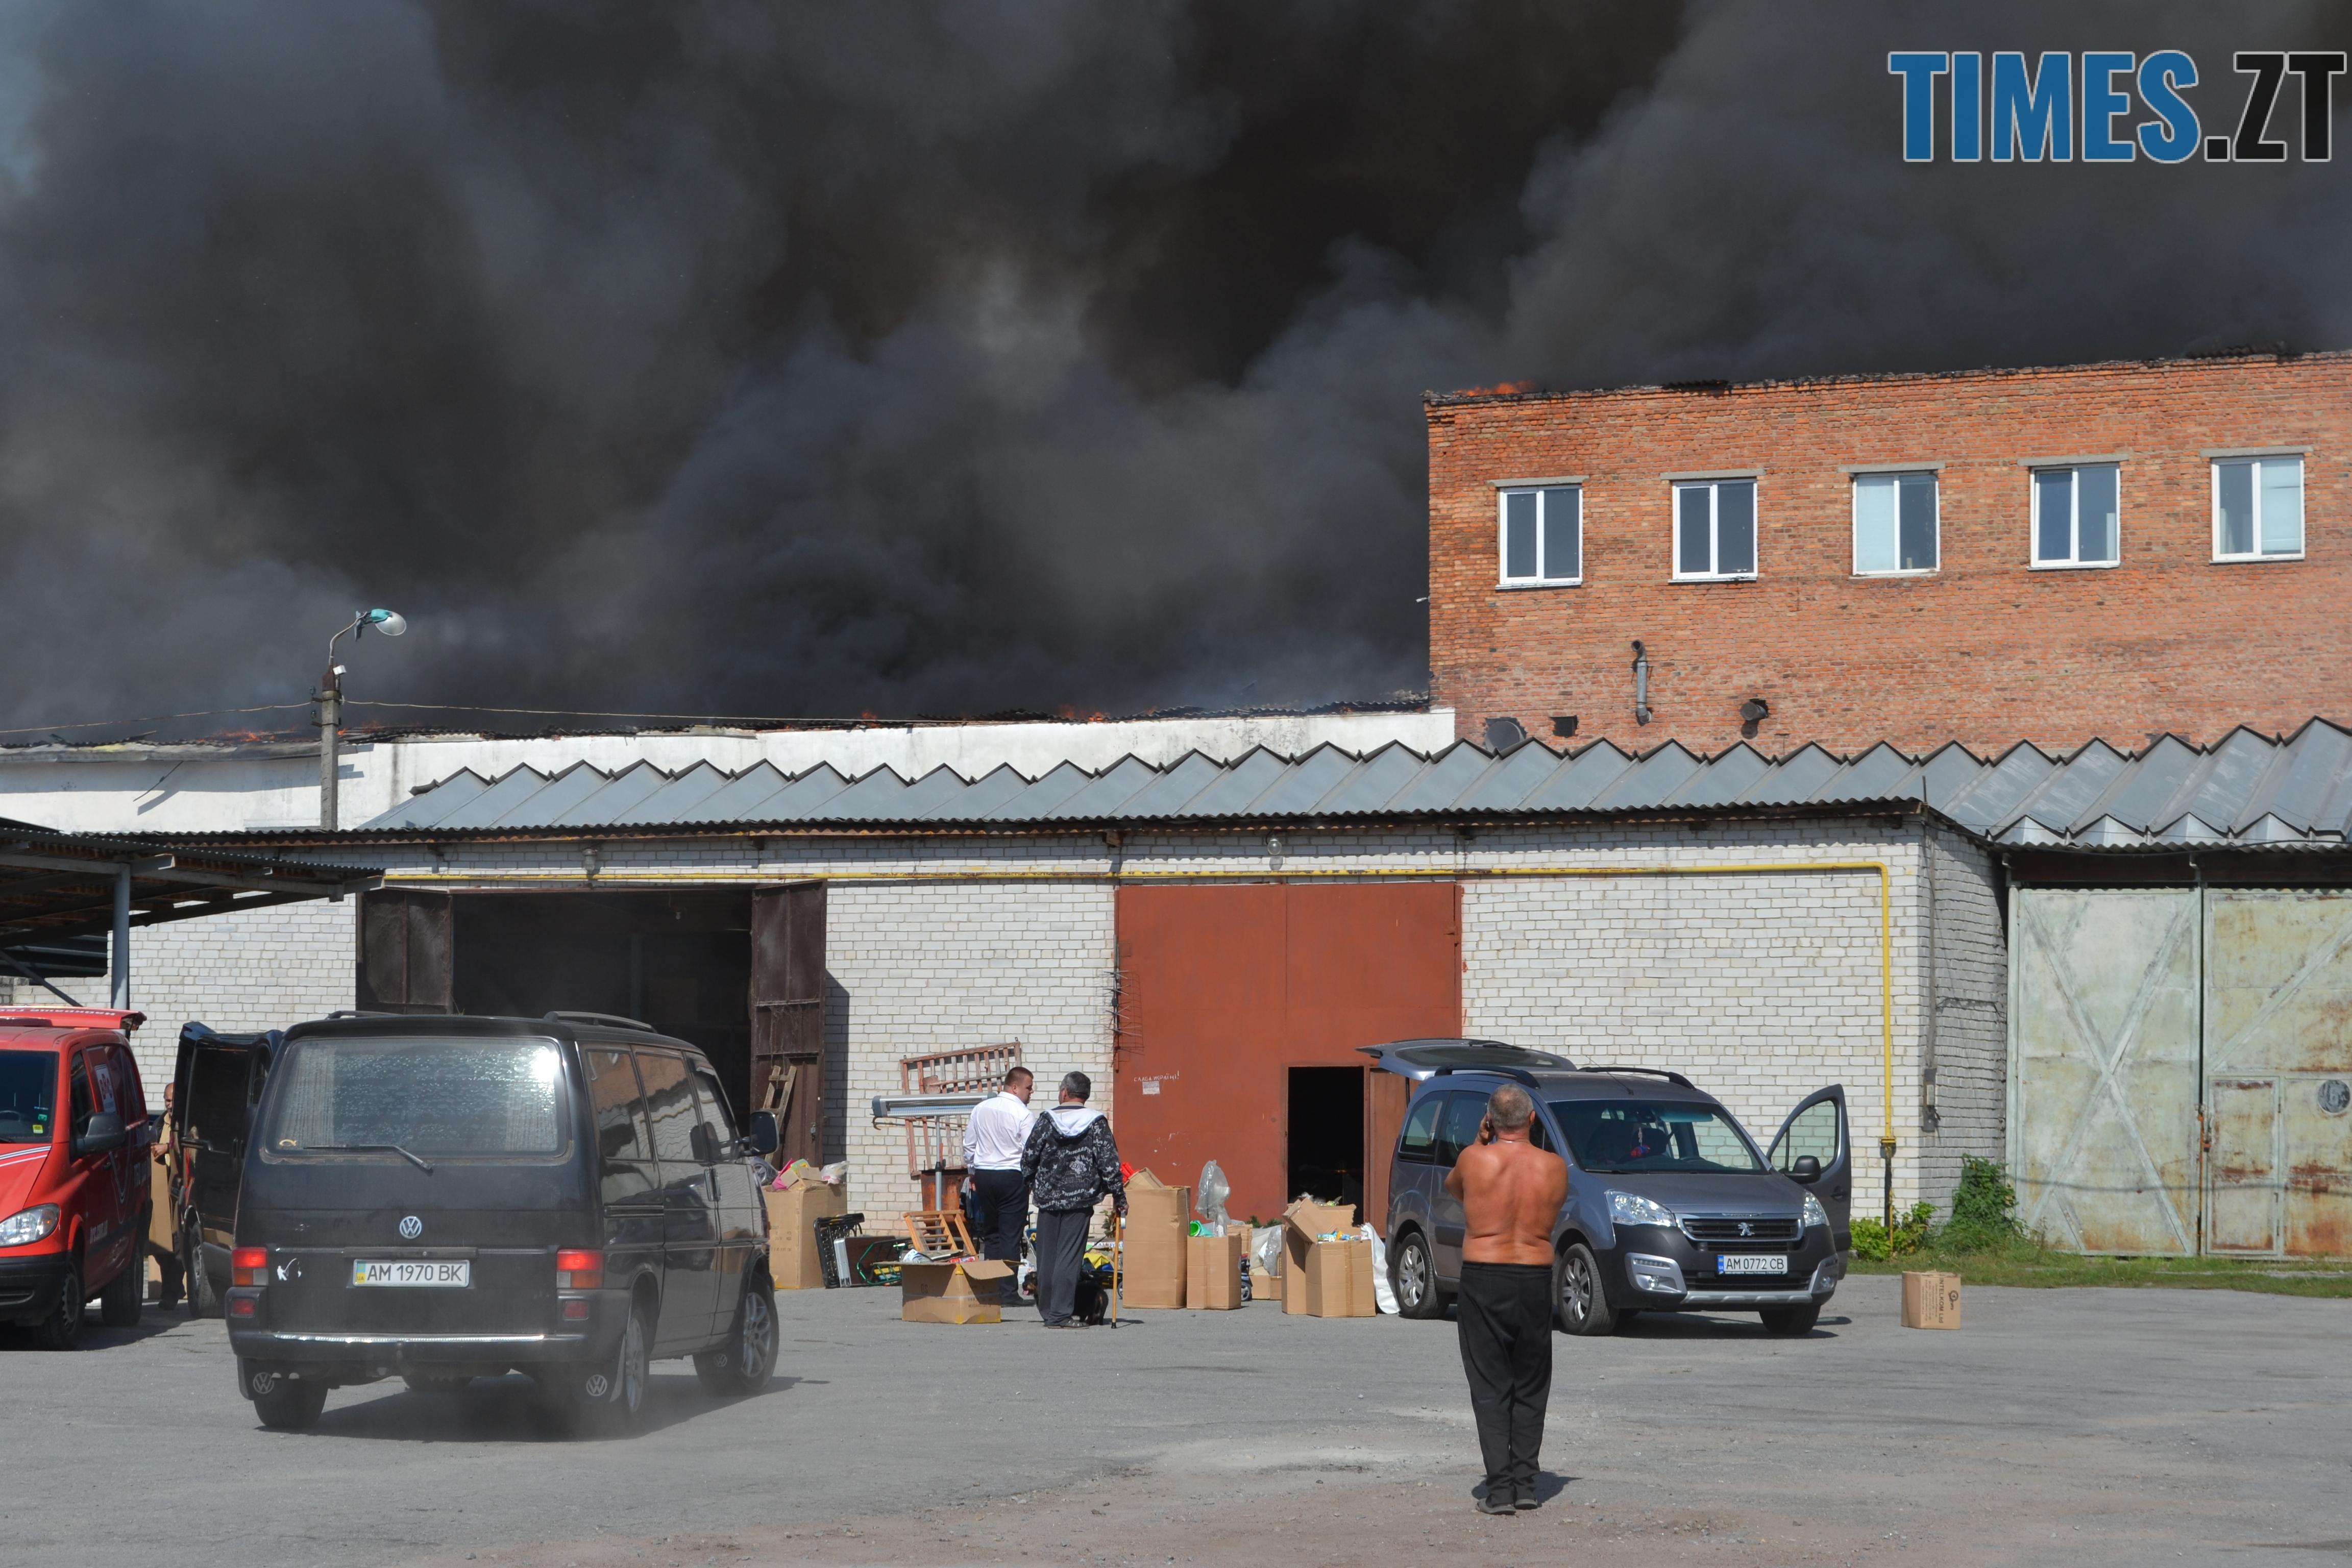 DSC 2891 - Вогонь перекинувся на адмінбудівлю Картонного комбінату: пожежу гасять 11 автомобілів та 63 пожежники (ФОТО, ВІДЕО)